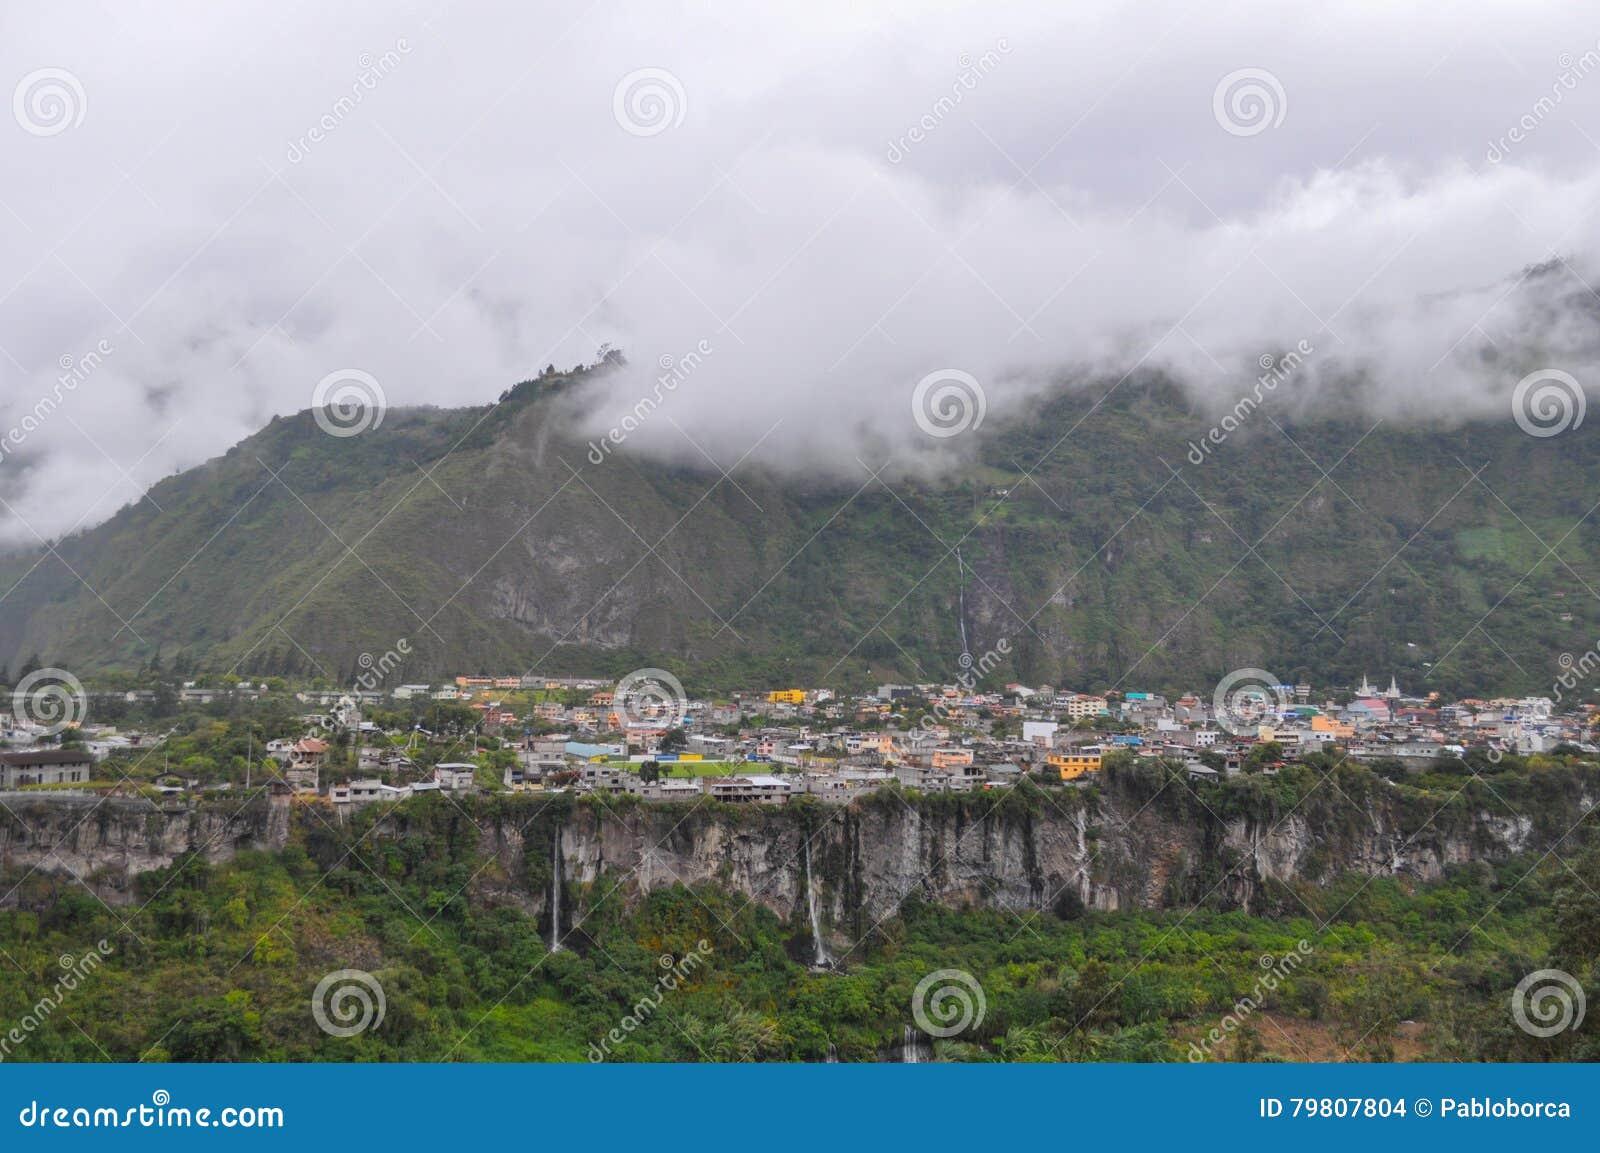 Baños de Agus Санта, эквадор